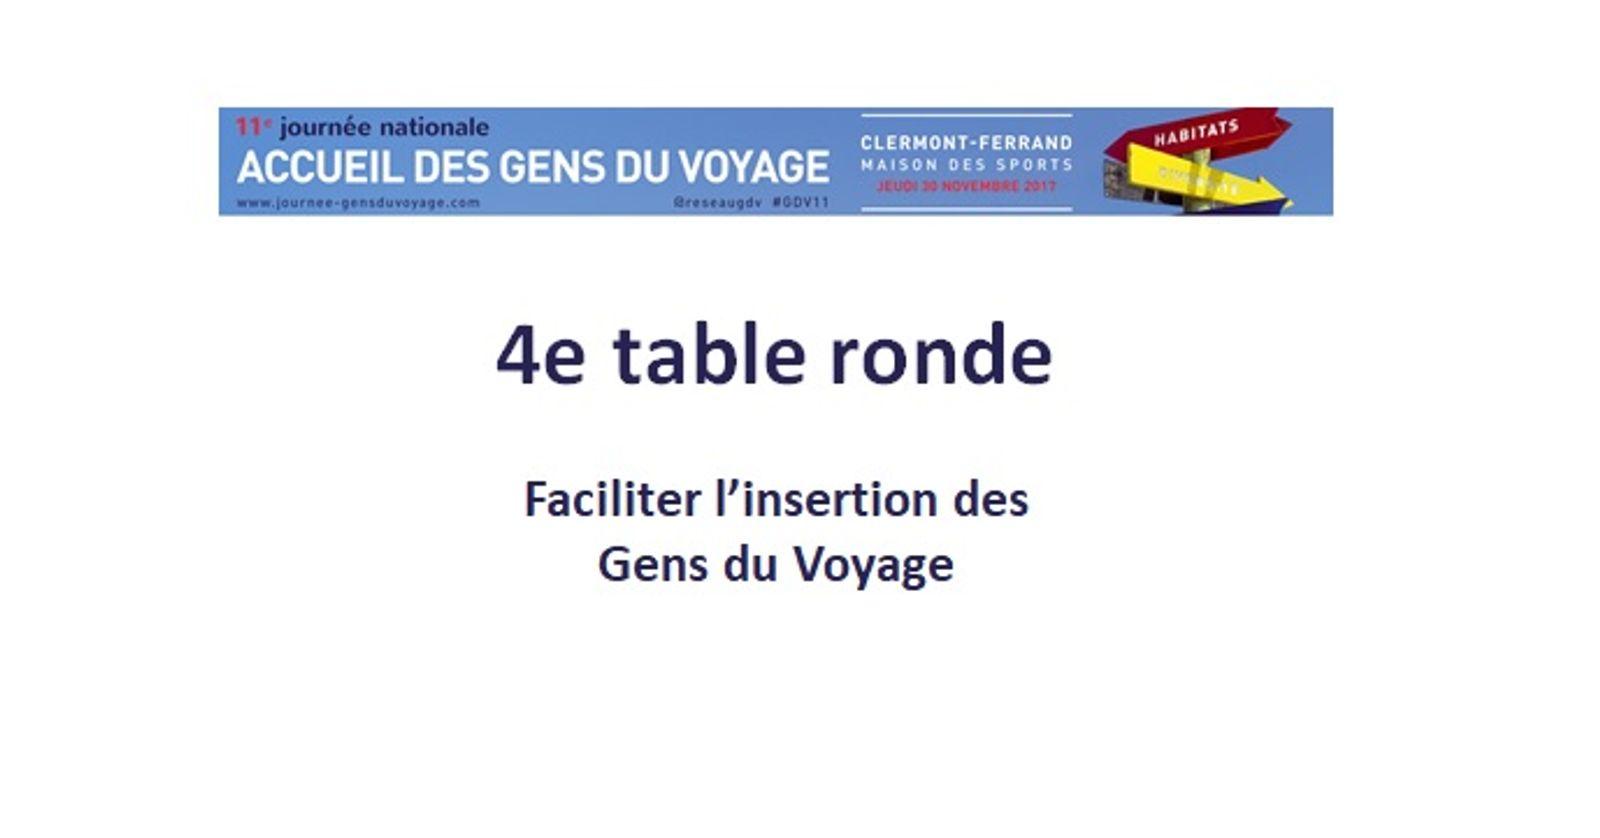 11eme Journée Nationale des Gens du voyage | Quatrième table ronde